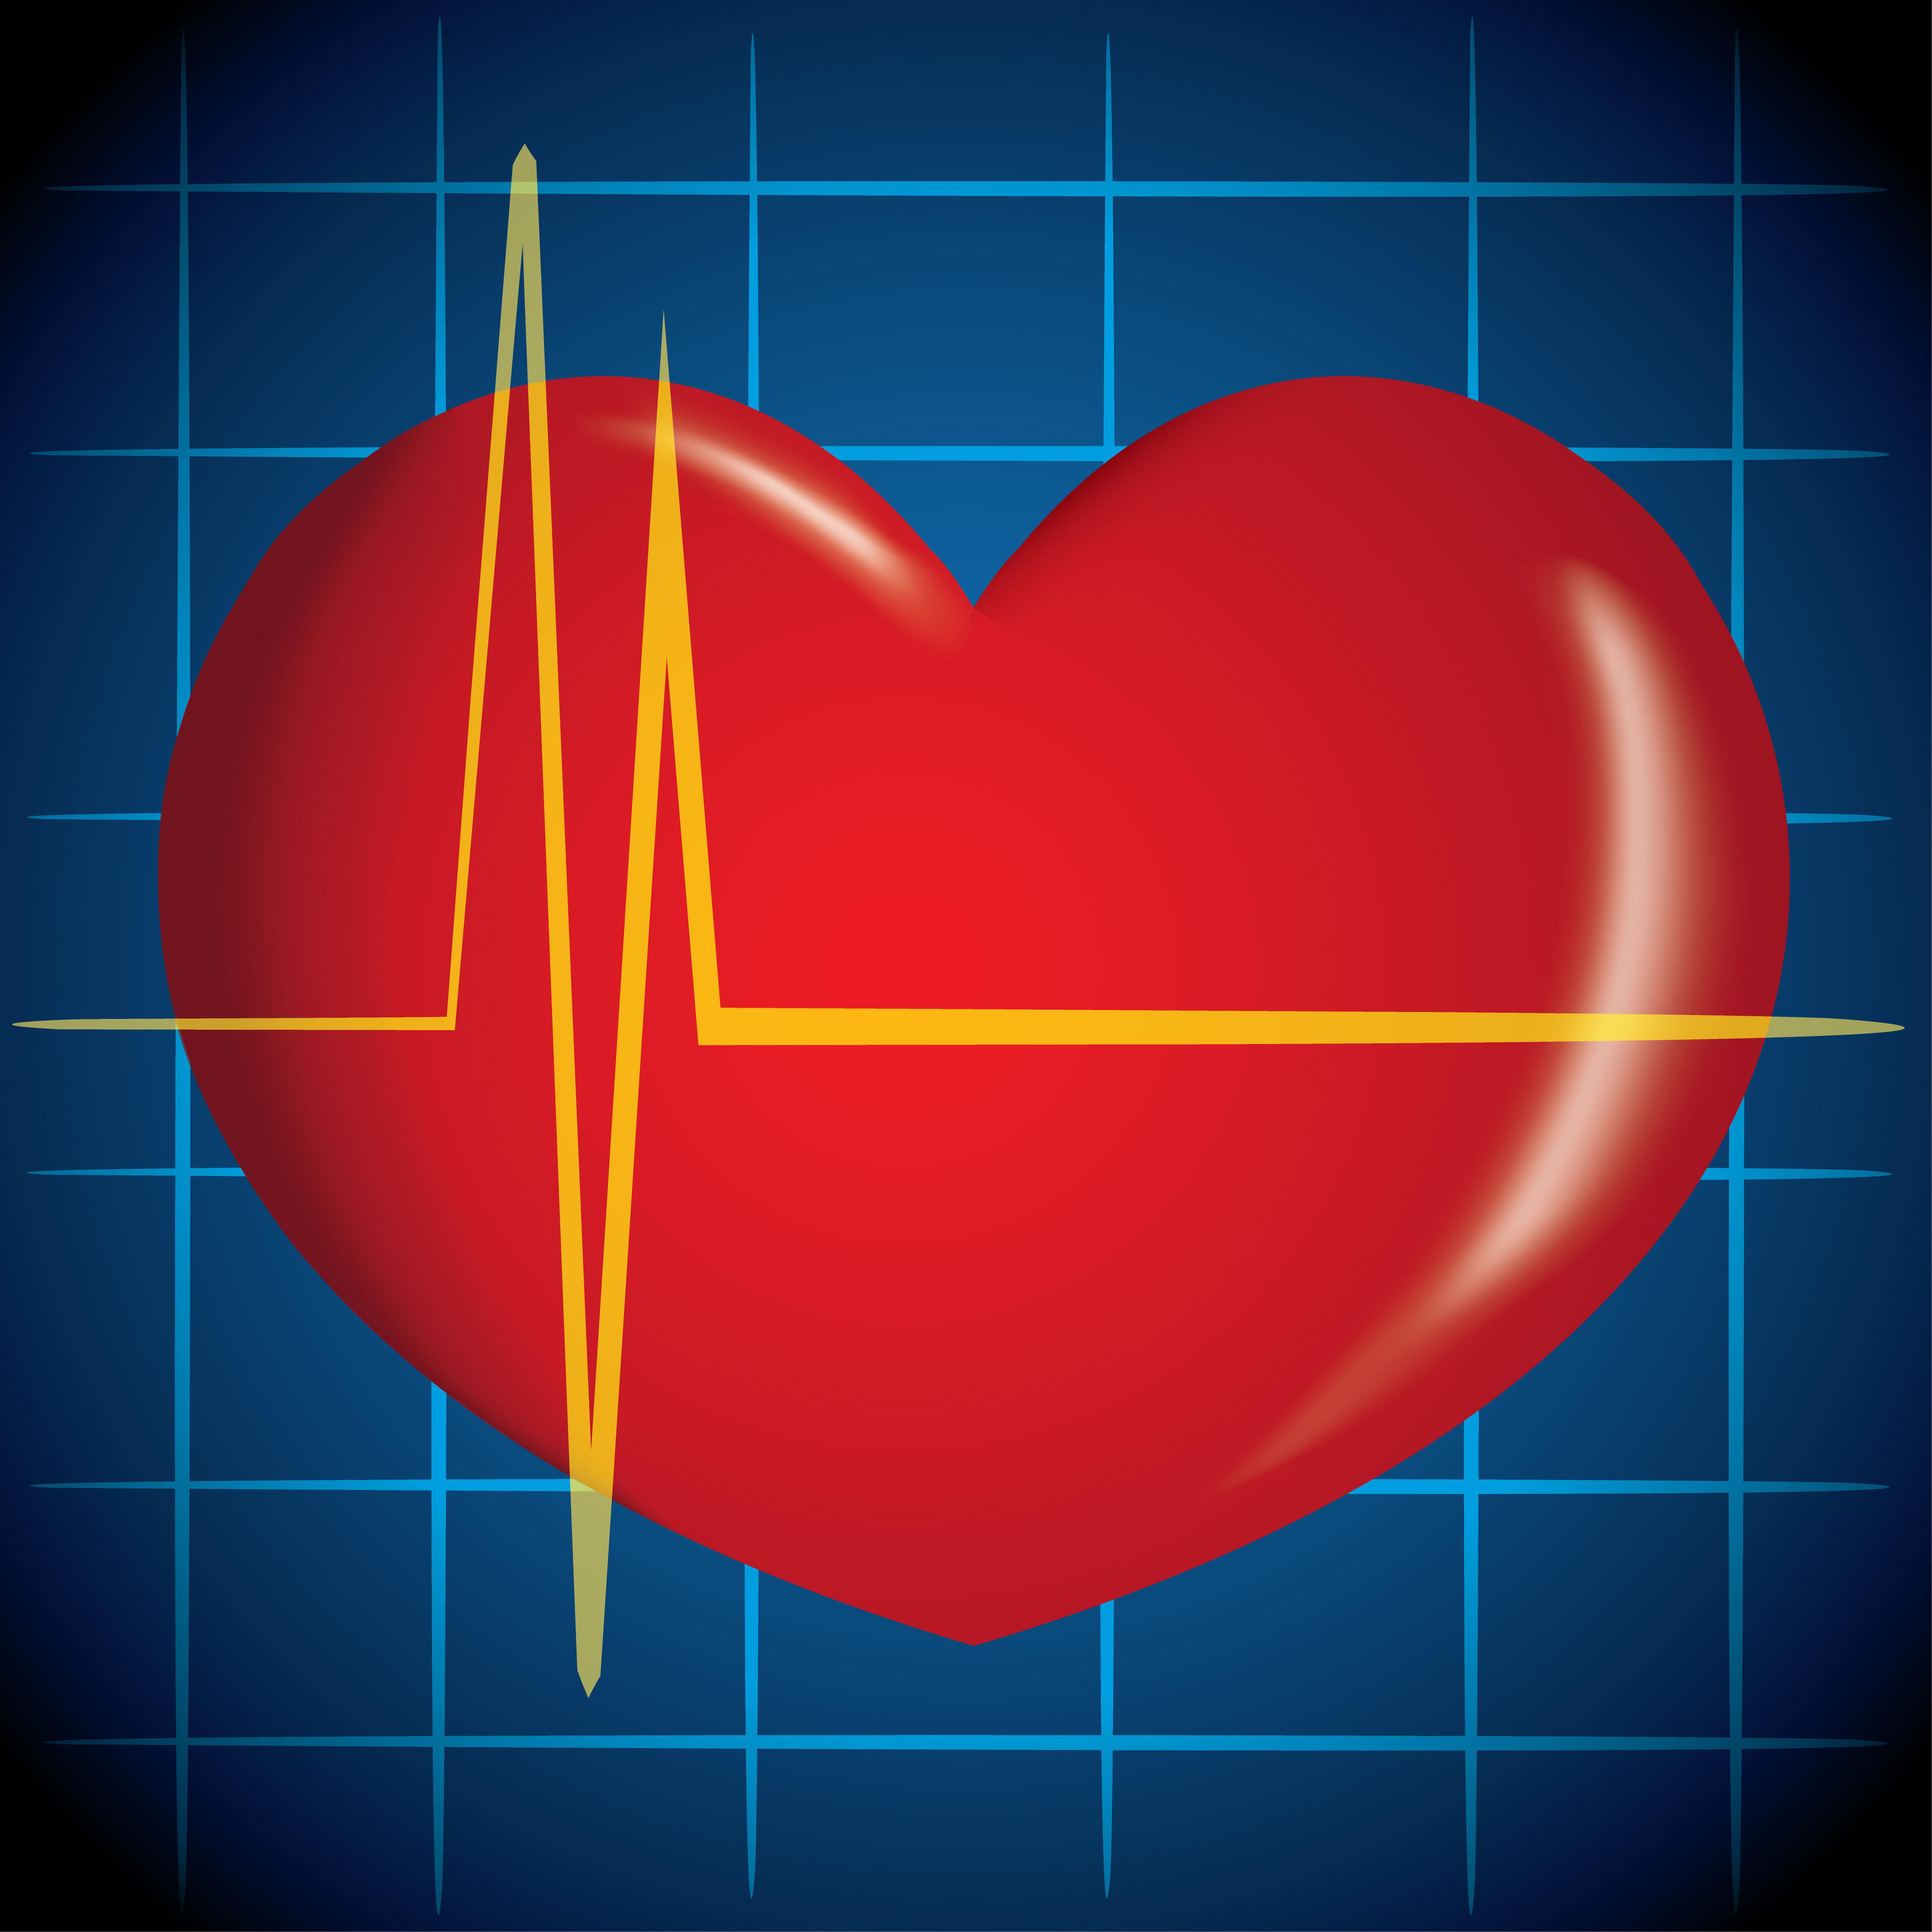 На что влияет аритмия сердца